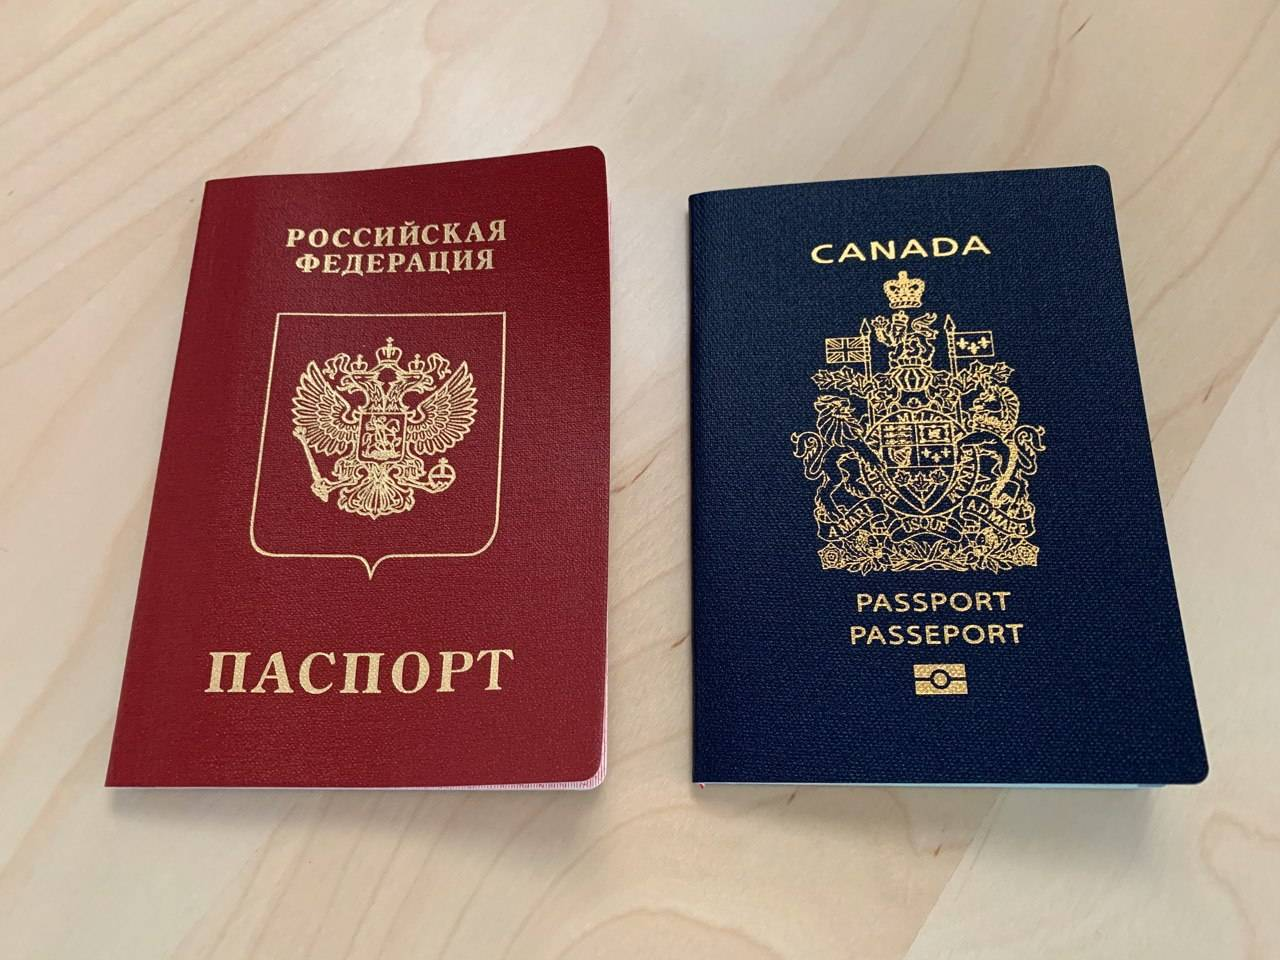 Как получить гражданство канады и стать гражданином в 2019 году: канадское гражданство и паспорт, закон